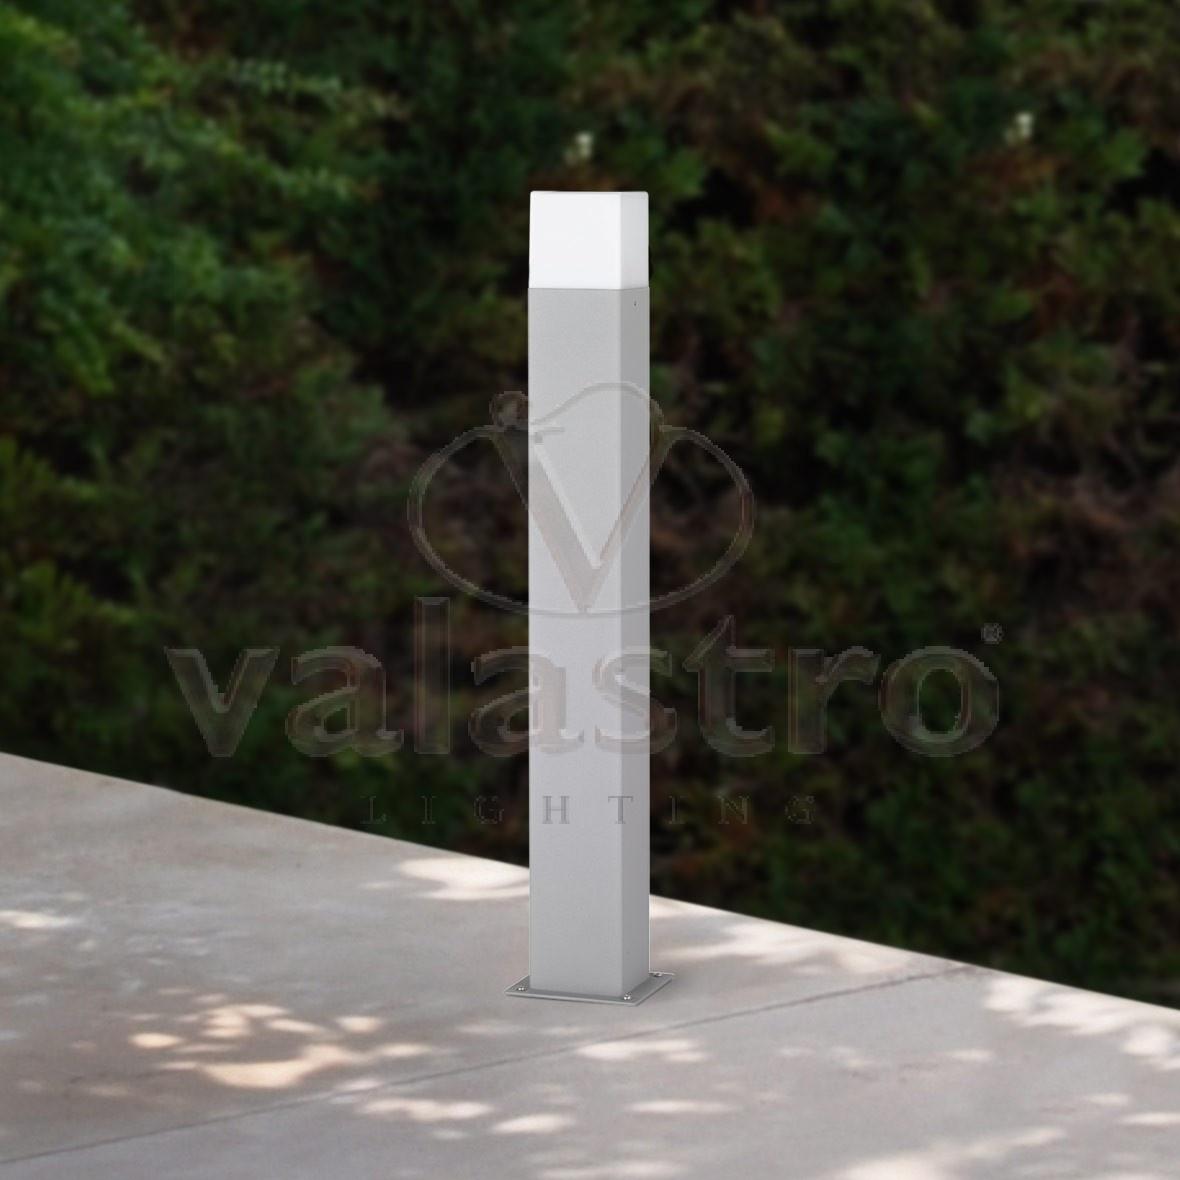 Lamp Outdoor Lighting Garden Floor Lamp Valastro Lighting with regard to sizing 1180 X 1180